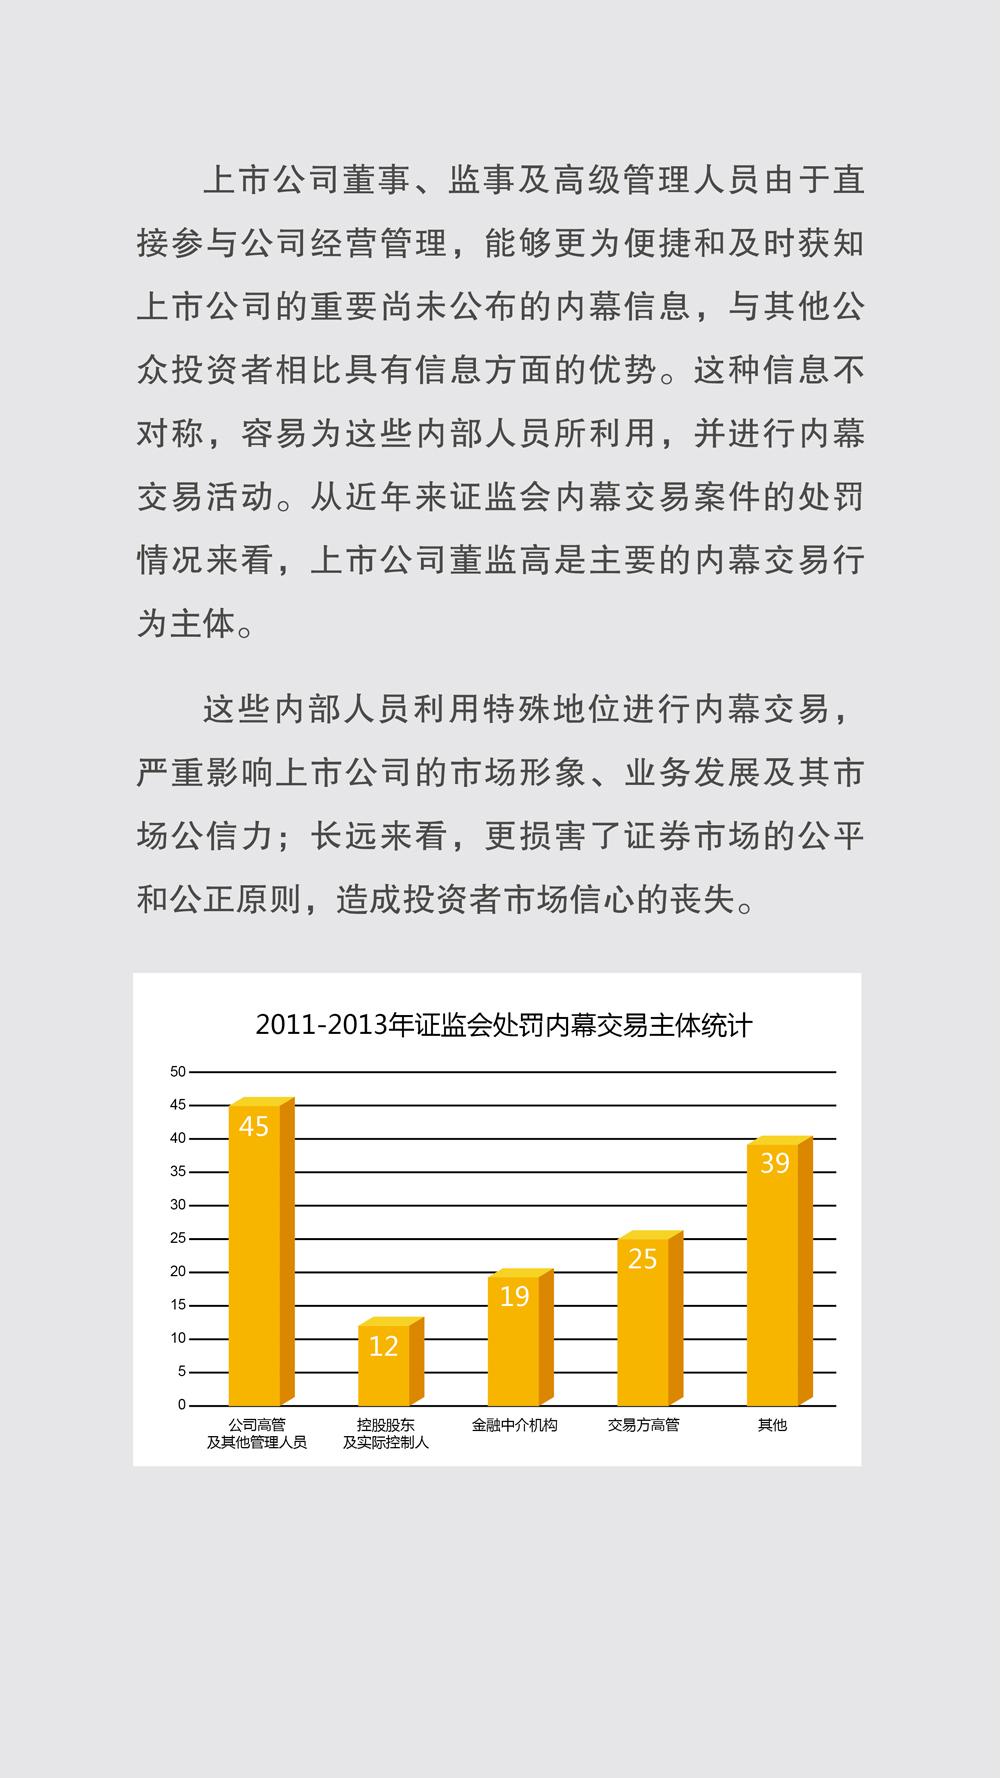 上海证监局内幕交易教育警示展34